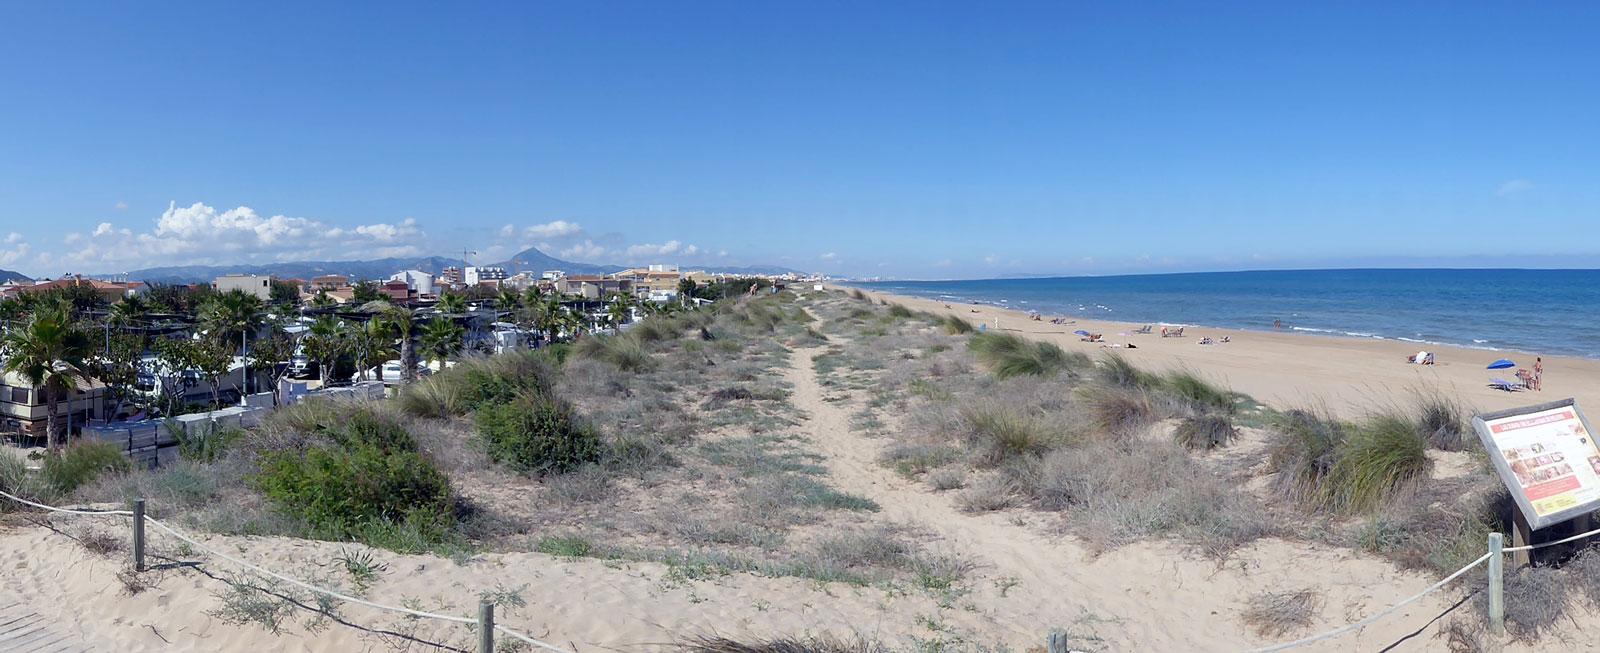 Costa Blanca har över 20 mil sandstränder.